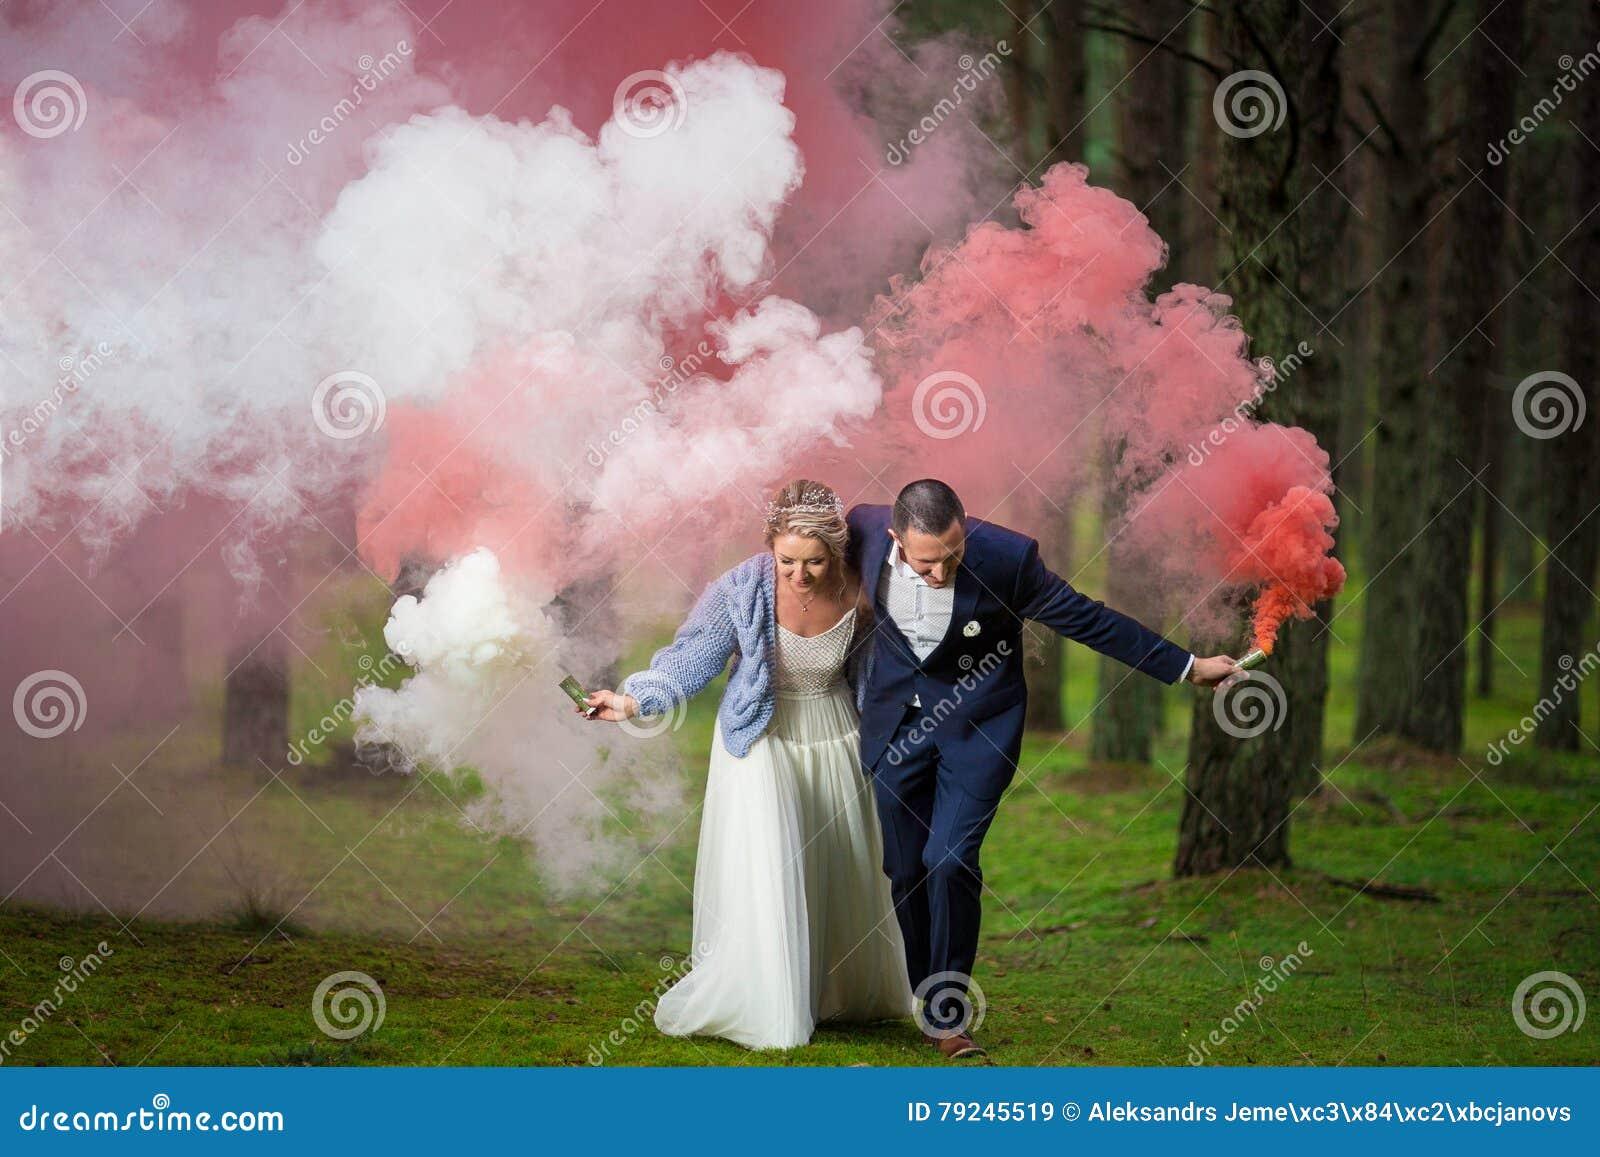 Sposa e sposo al giorno delle nozze